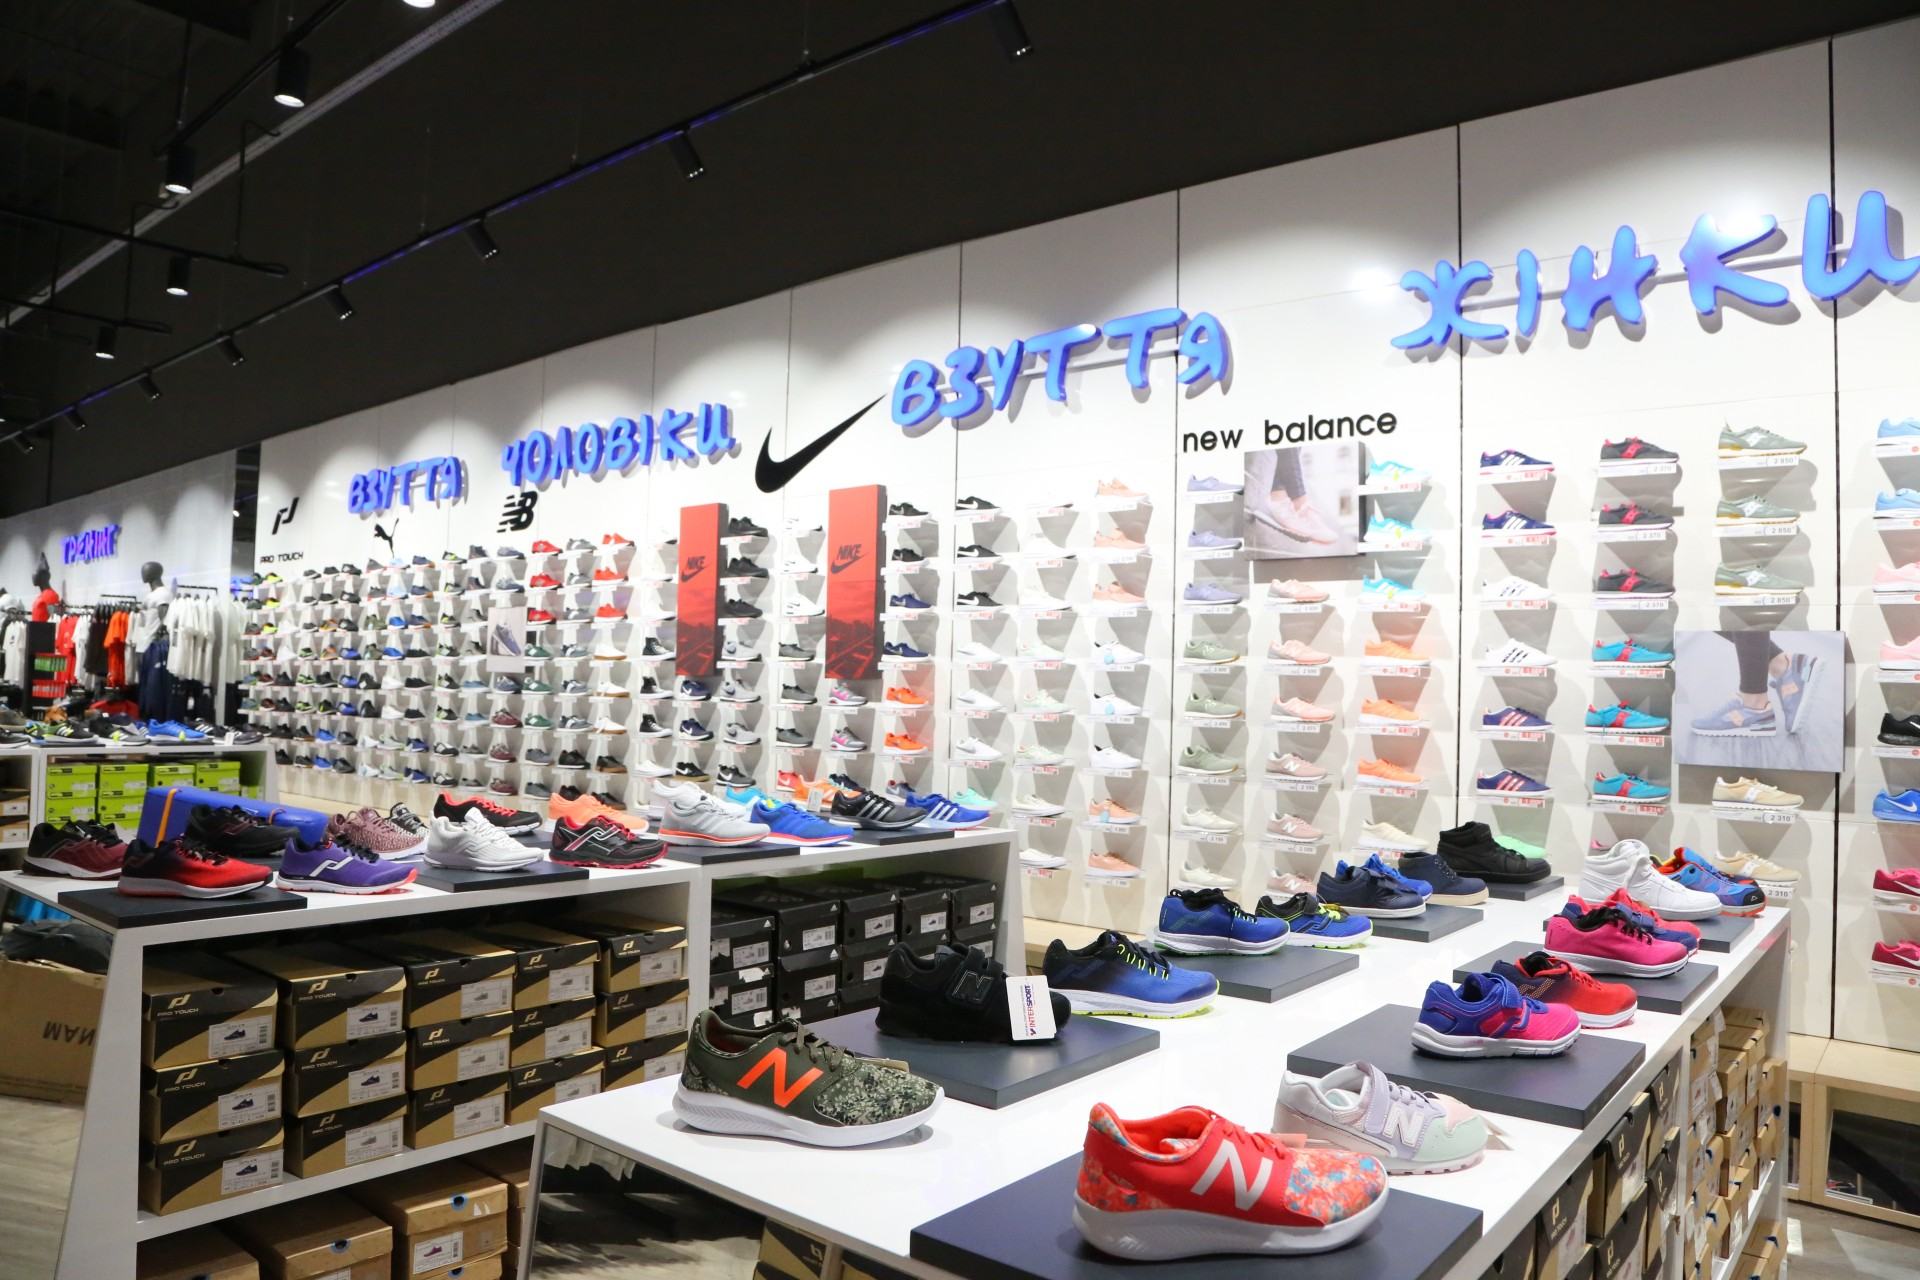 897a24f4ea29de Магазин сегментований за категоріями спорту, за чоловічим, жіночим і  дитячим відділами. Тут представлений дуже широкий вибір взуття.